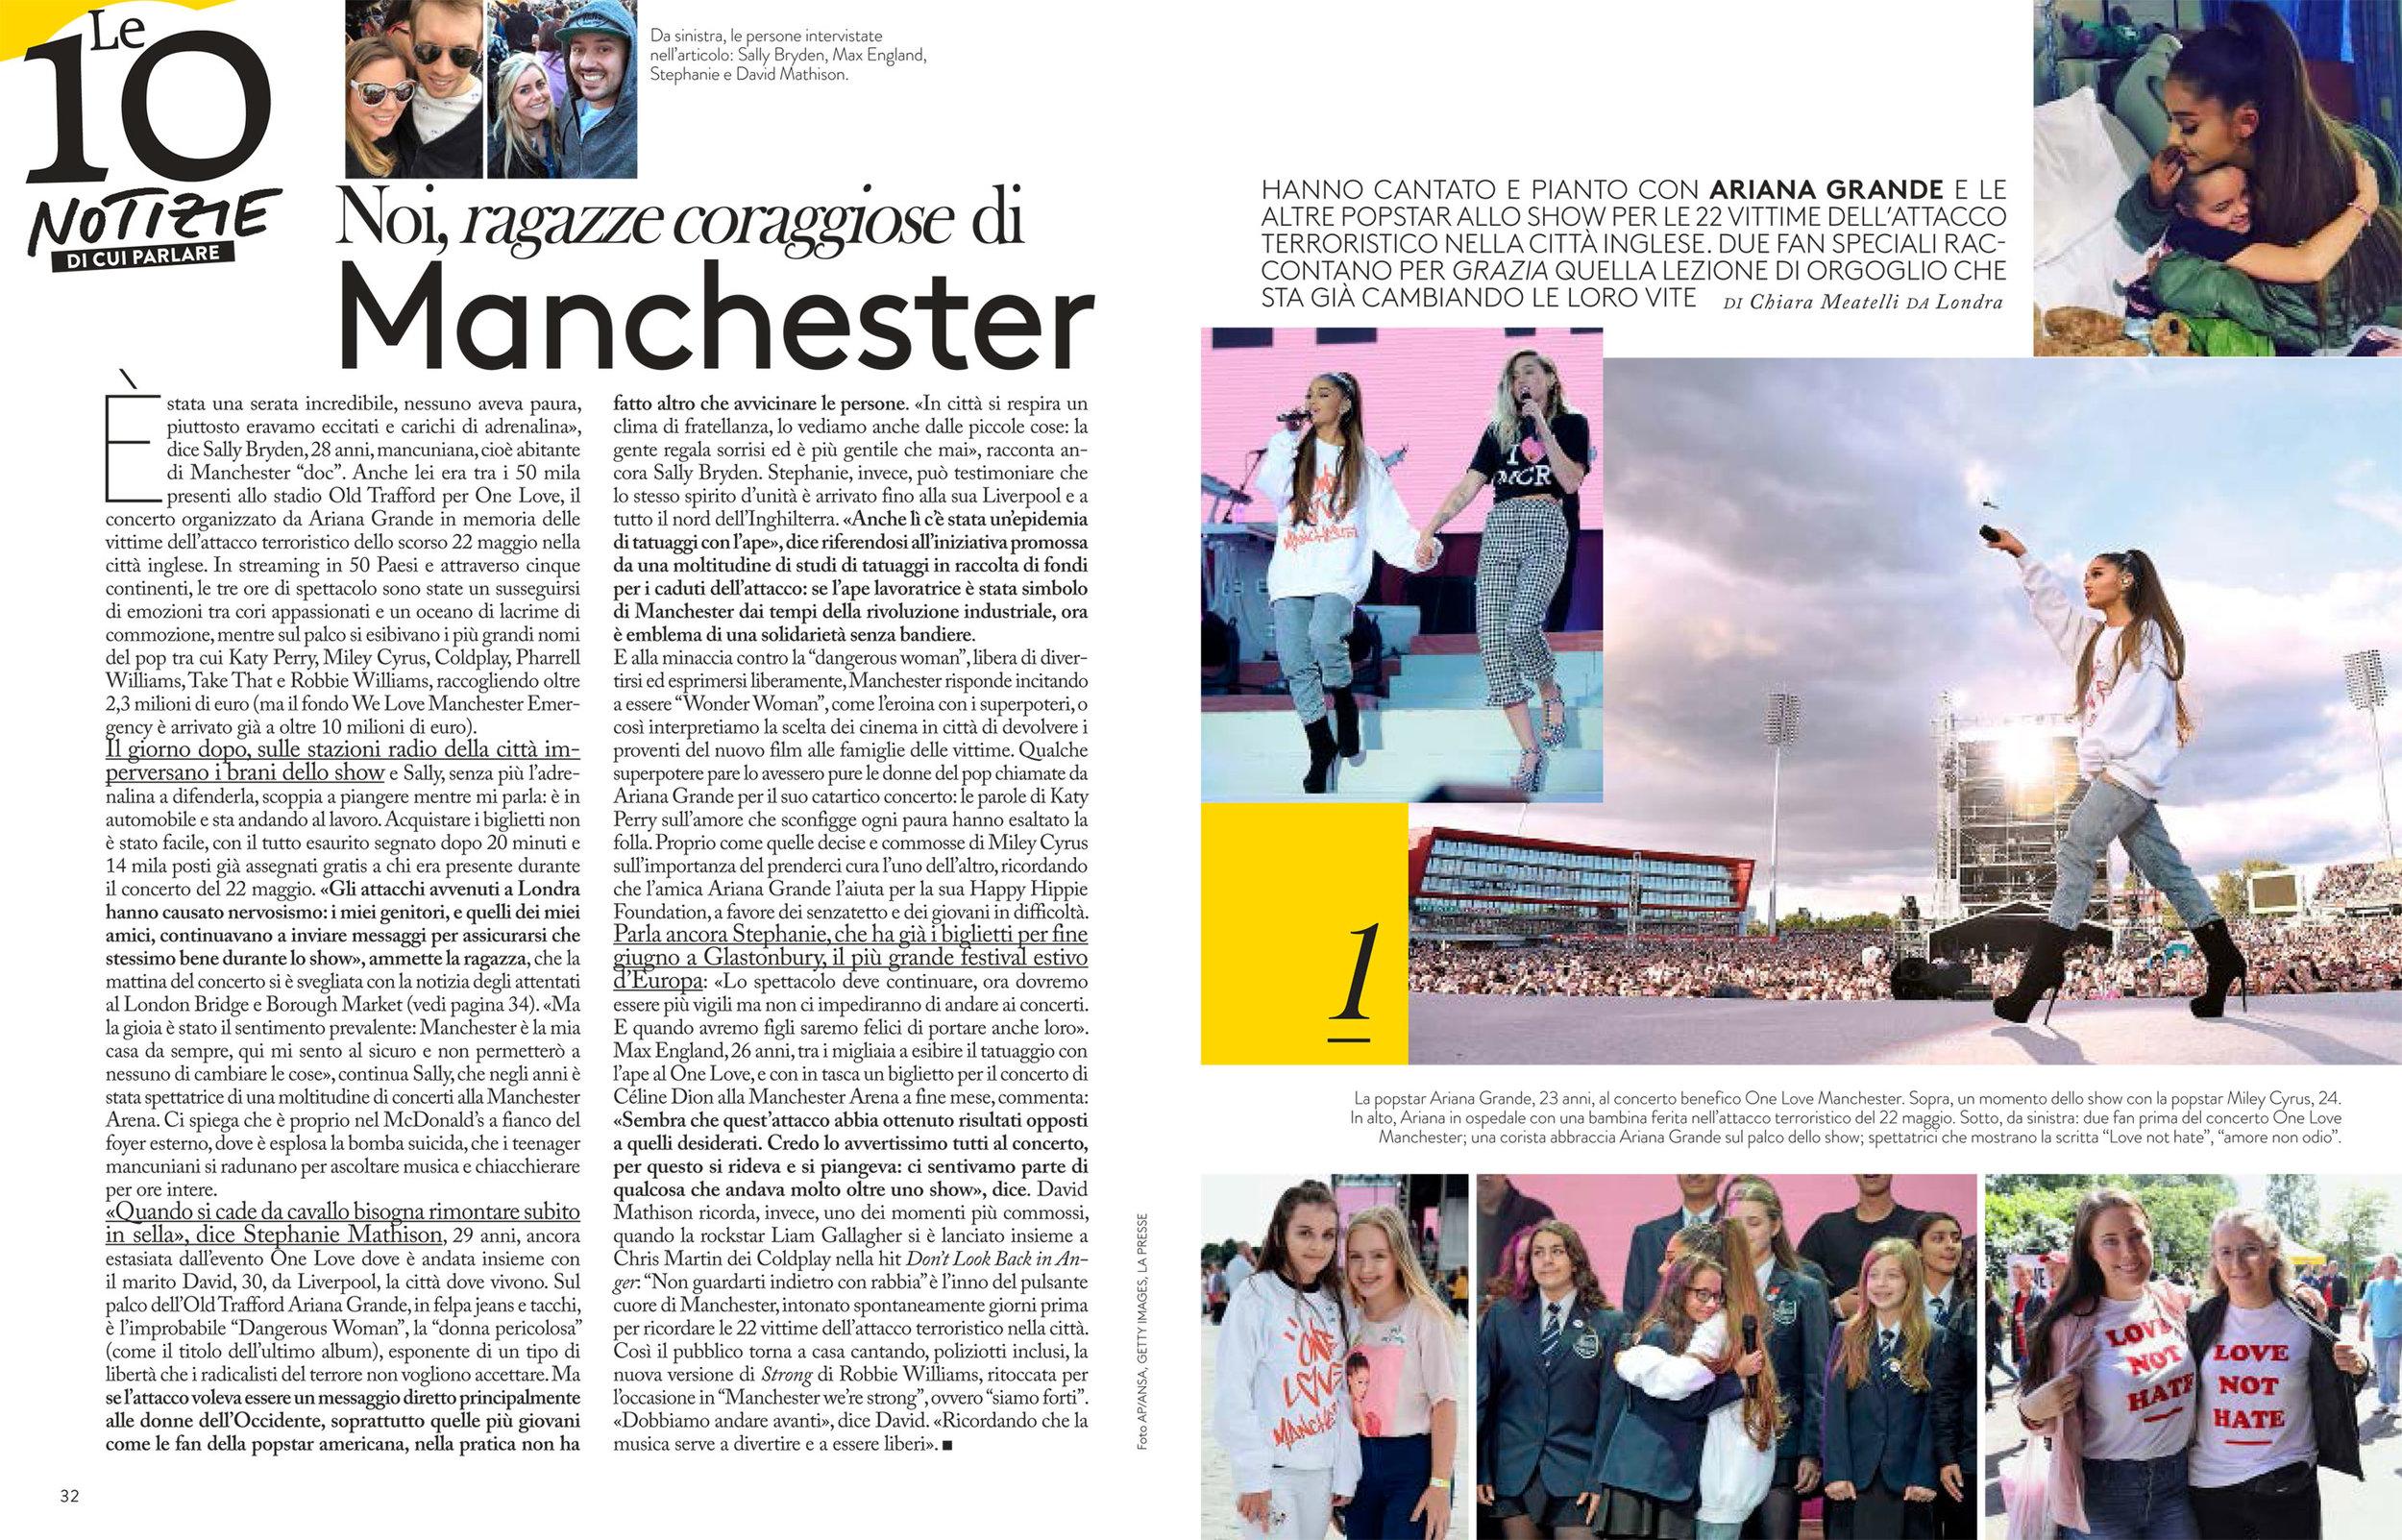 Grazia: Manchester attack memorial